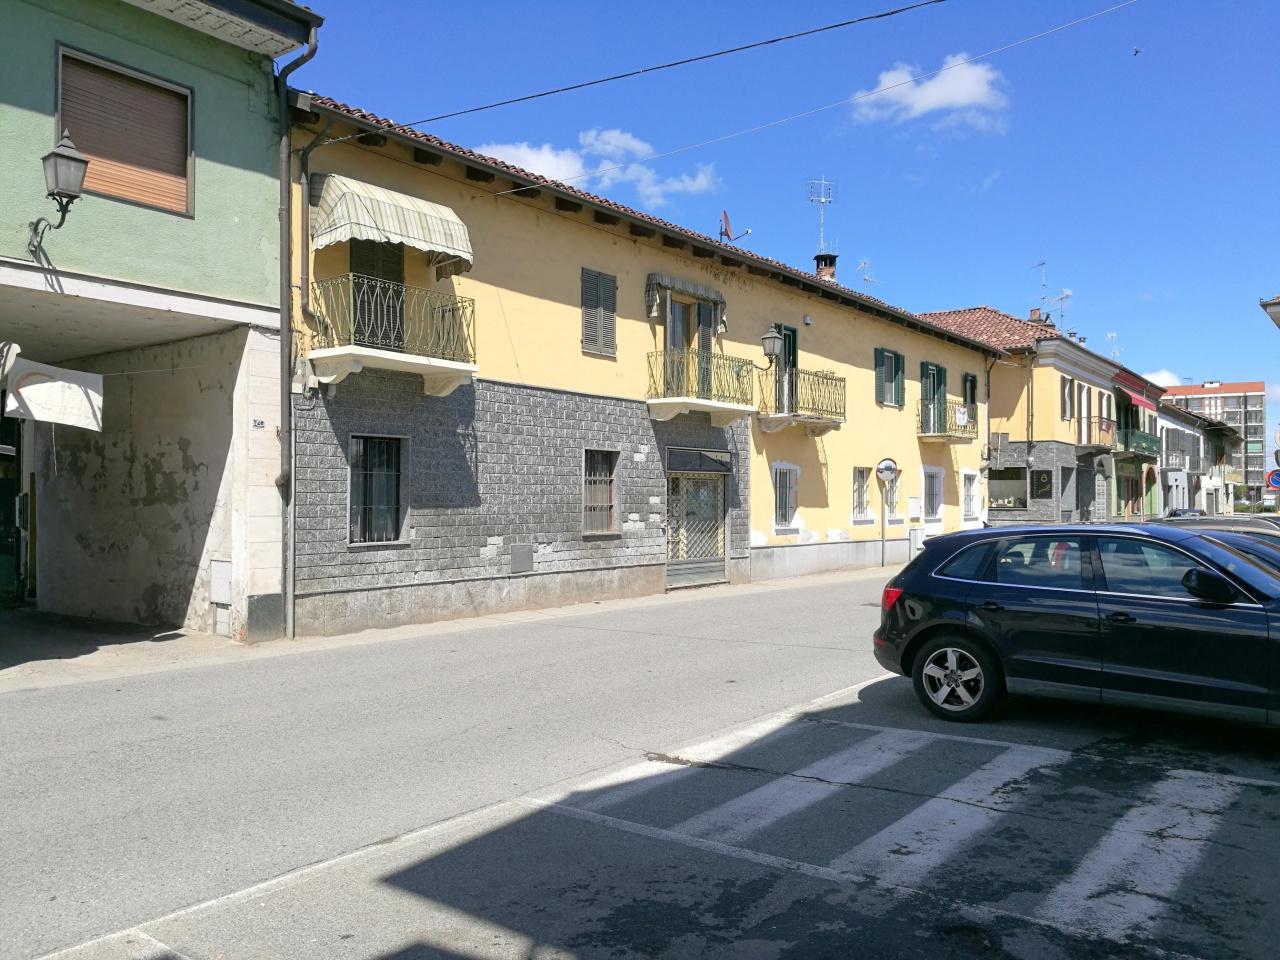 Appartamento in vendita a Torrazza Piemonte, 4 locali, prezzo € 69.000 | PortaleAgenzieImmobiliari.it